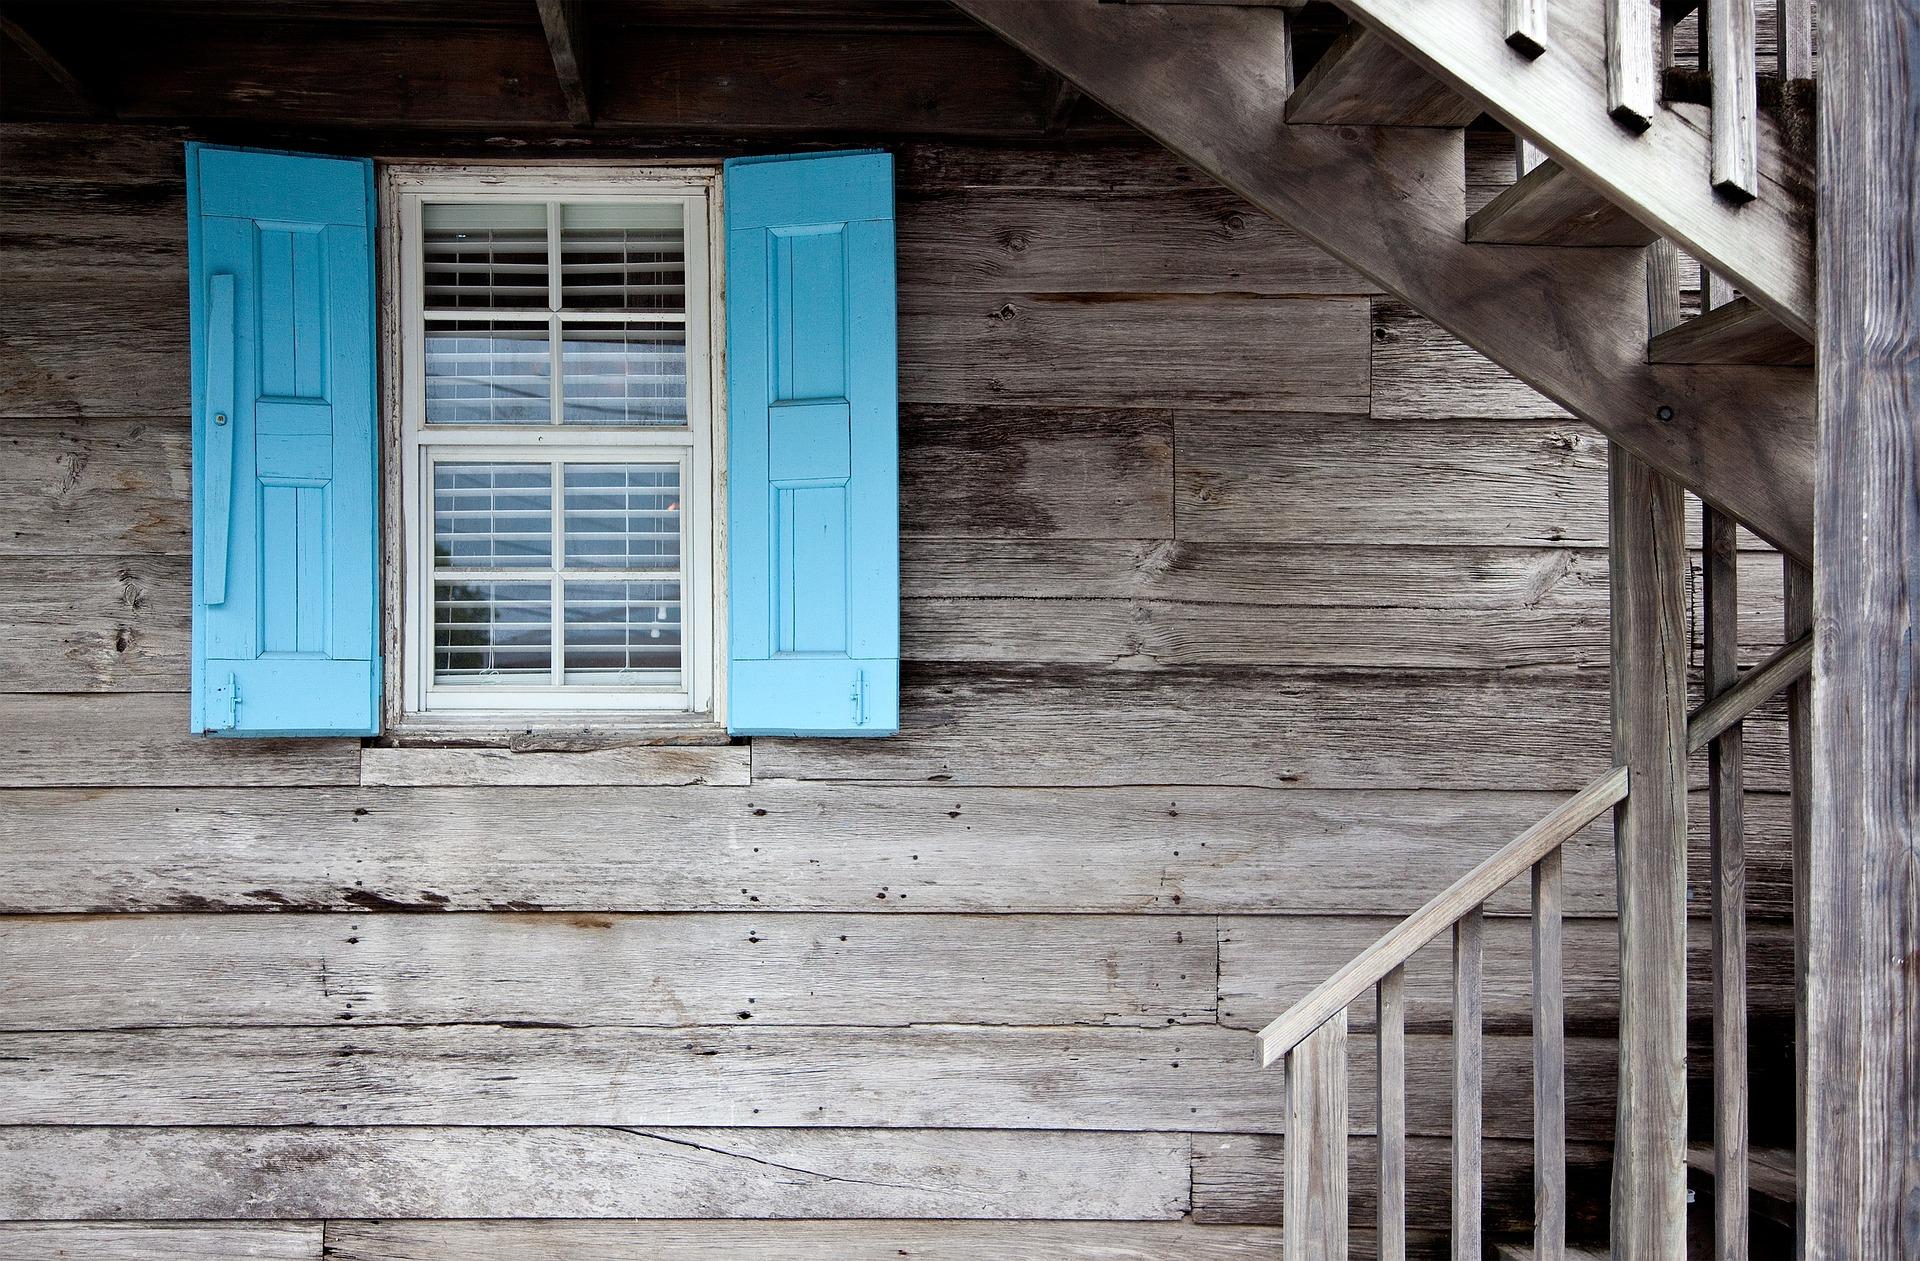 shutters-669296_1920.jpg